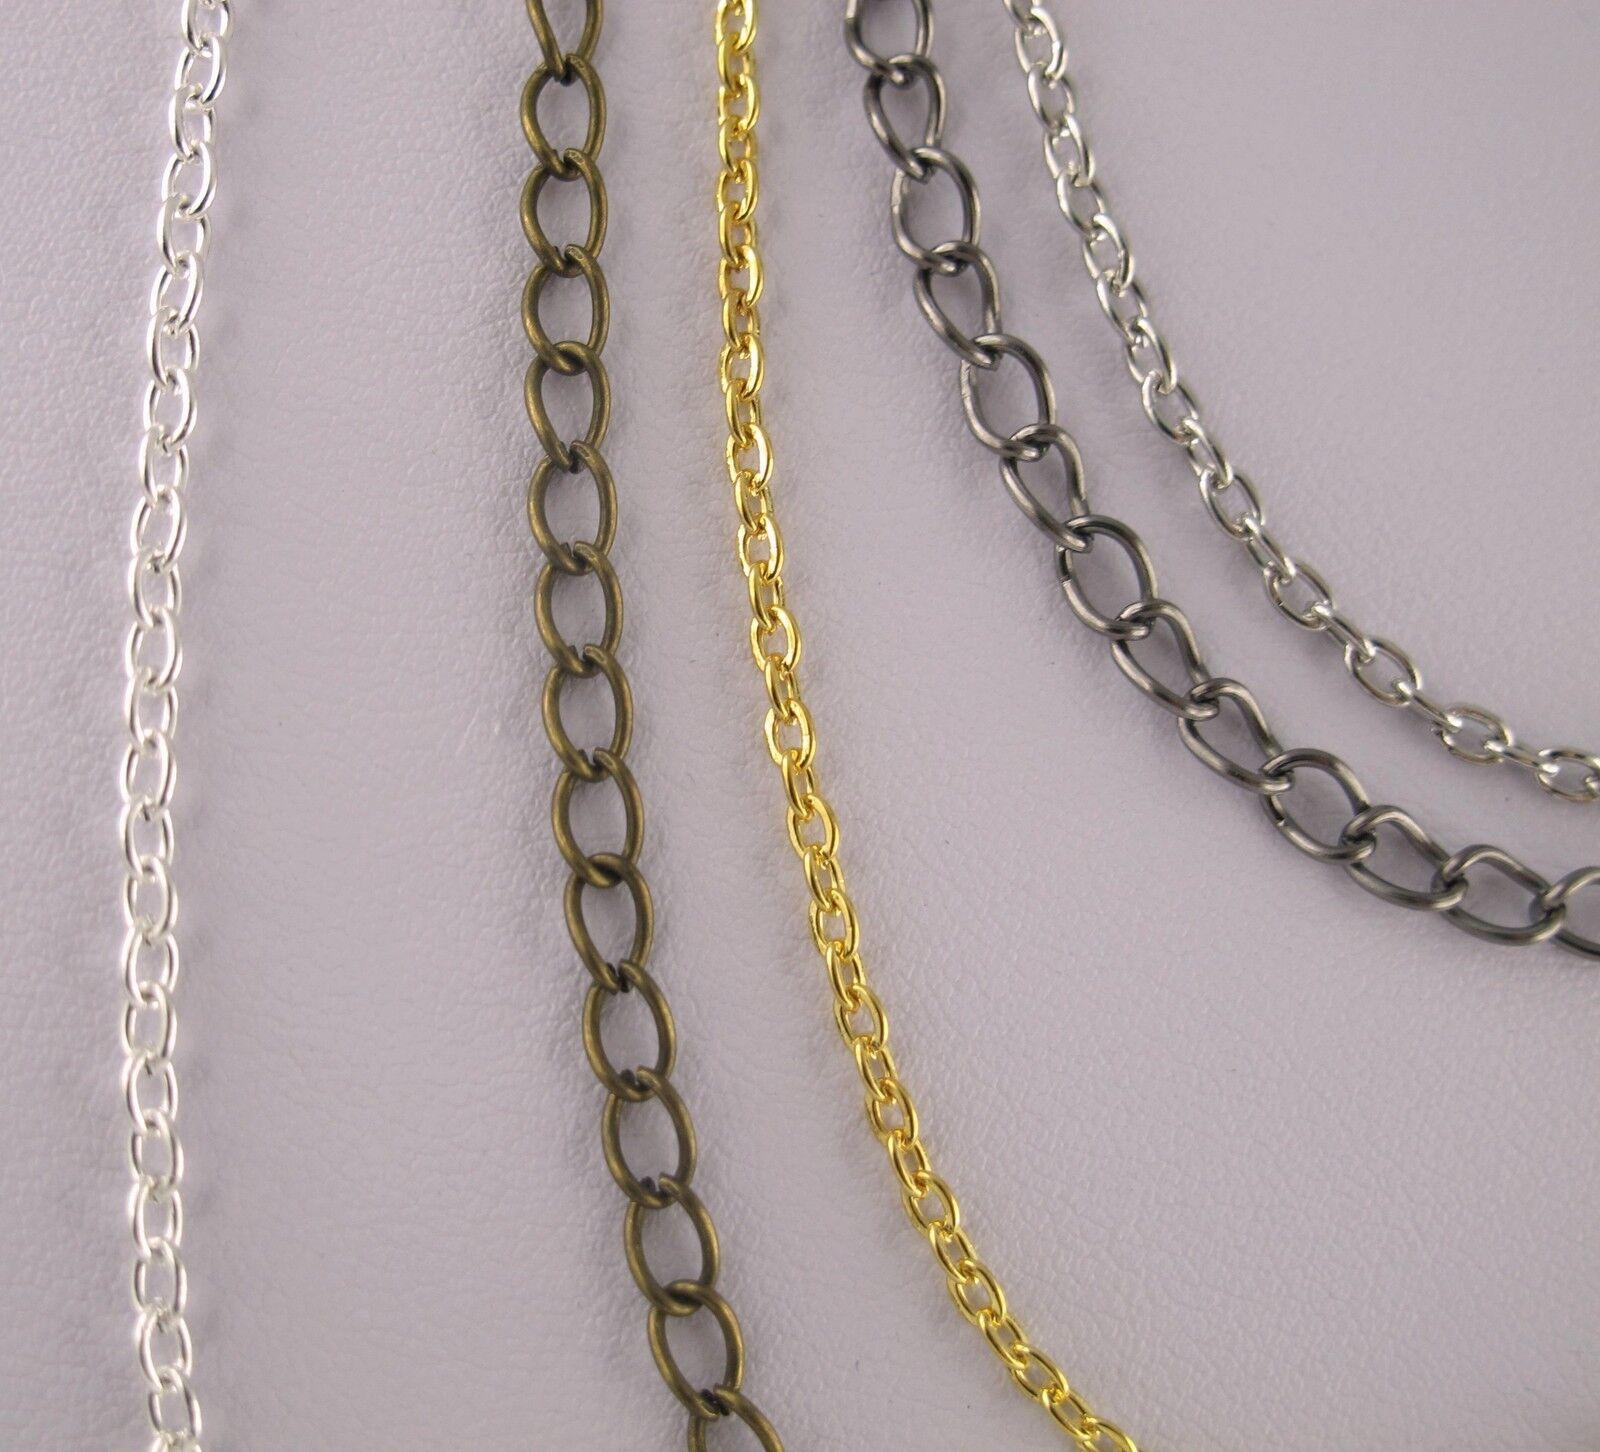 Gliederkette silber stahl rose gold anthrazit bronze Meterware oder m Verschluss